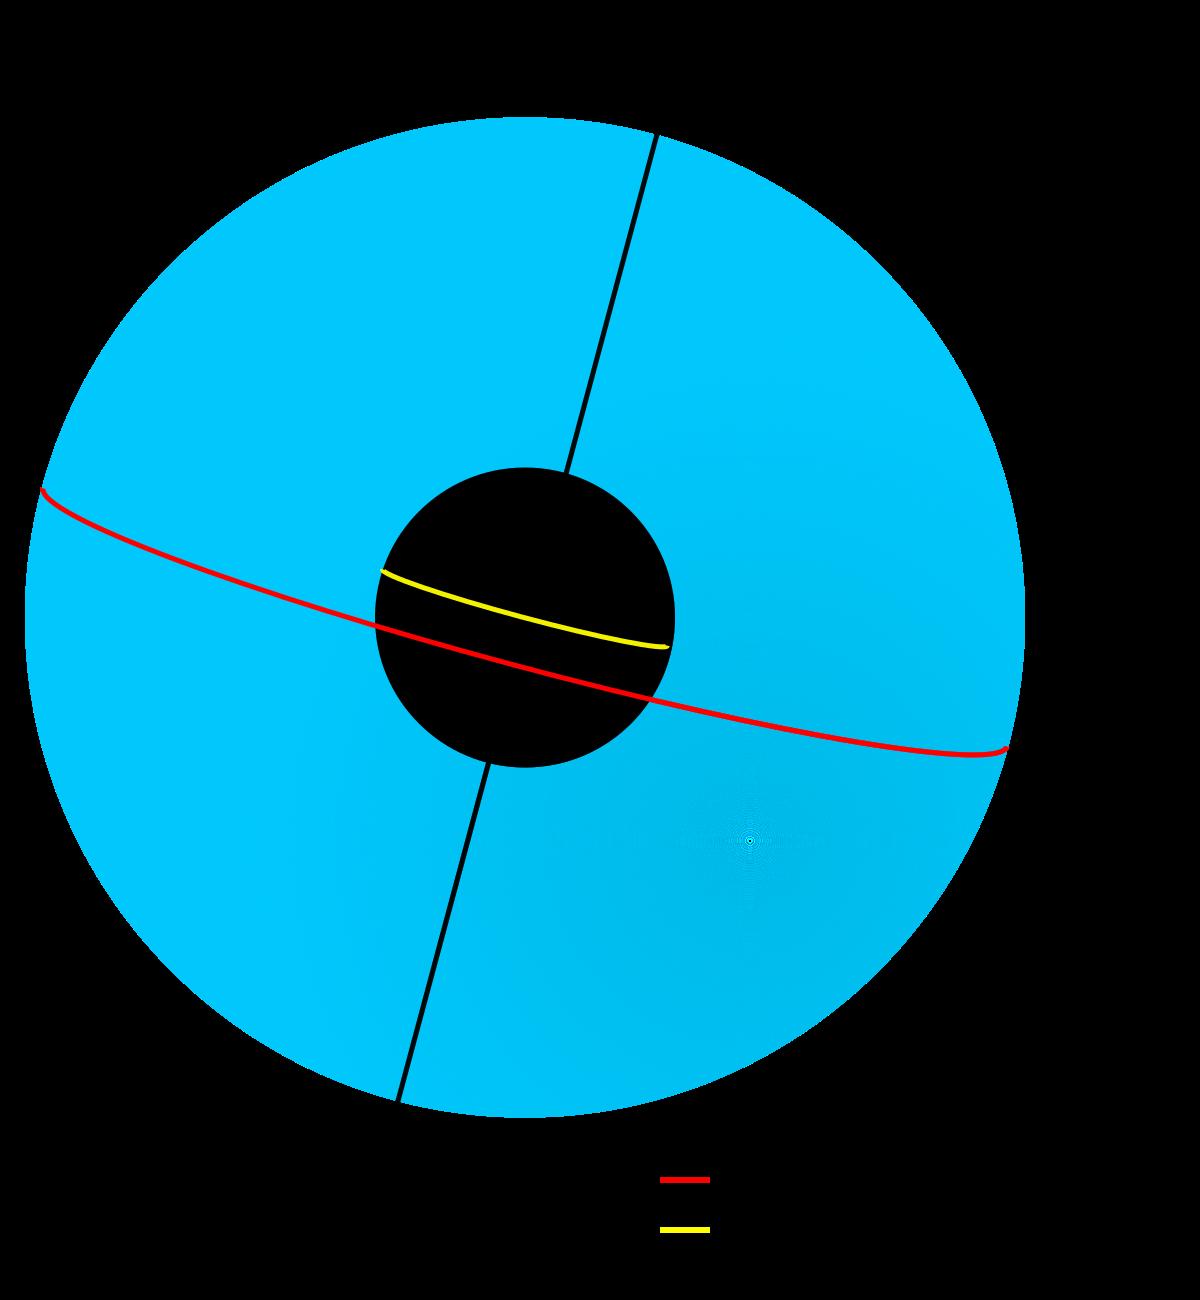 Небесная сфера ее основные элементы: точки, линии, плоскости - звездный каталог. наша планета и то, что вокруг неё